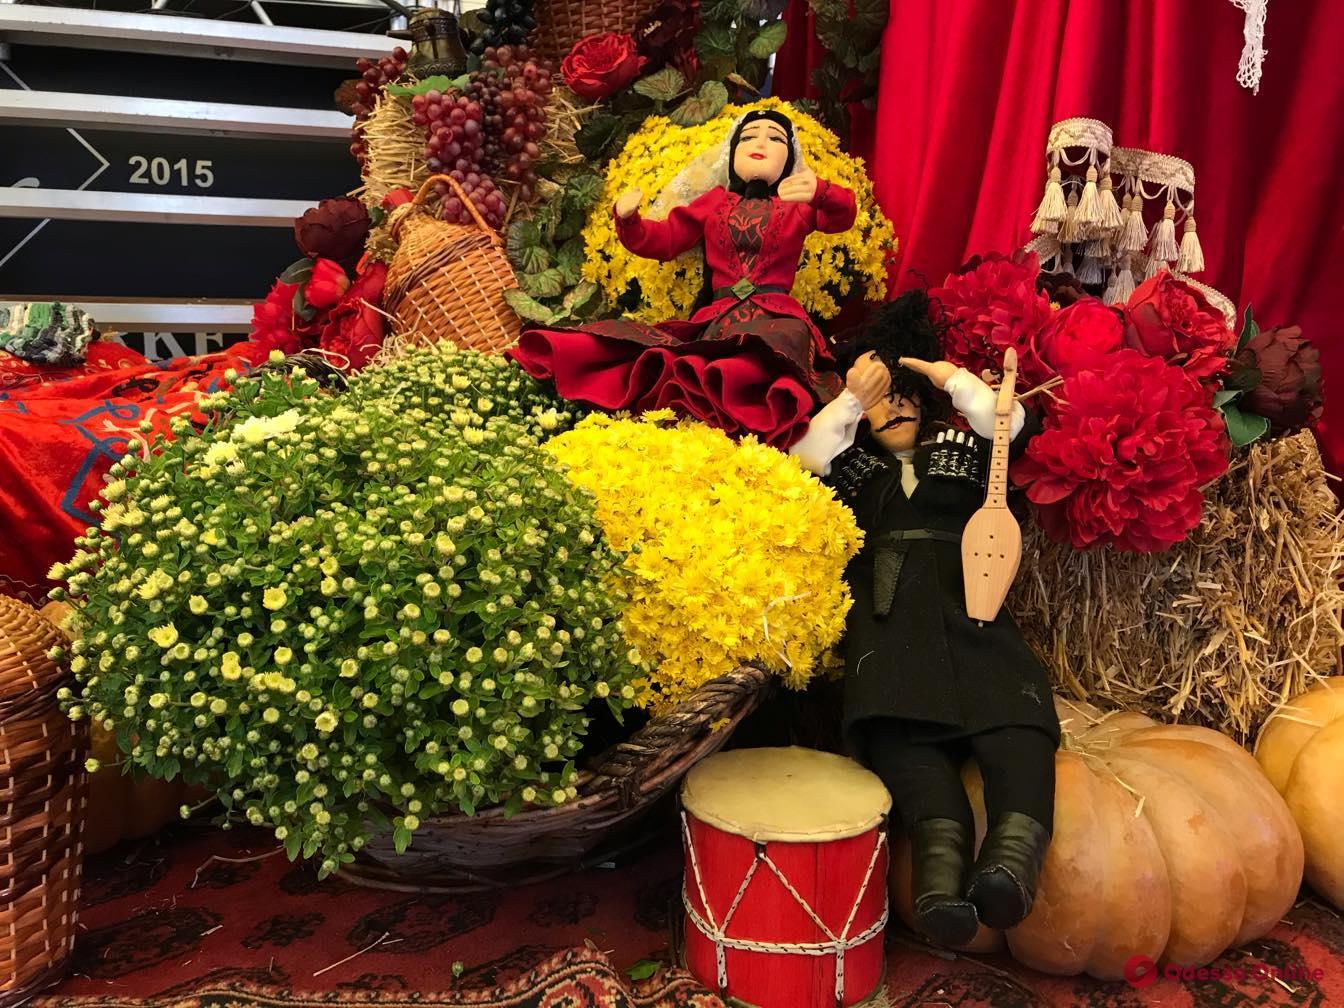 В Одессе проходит фестиваль грузинской культуры «Тбилисоба» (фото)